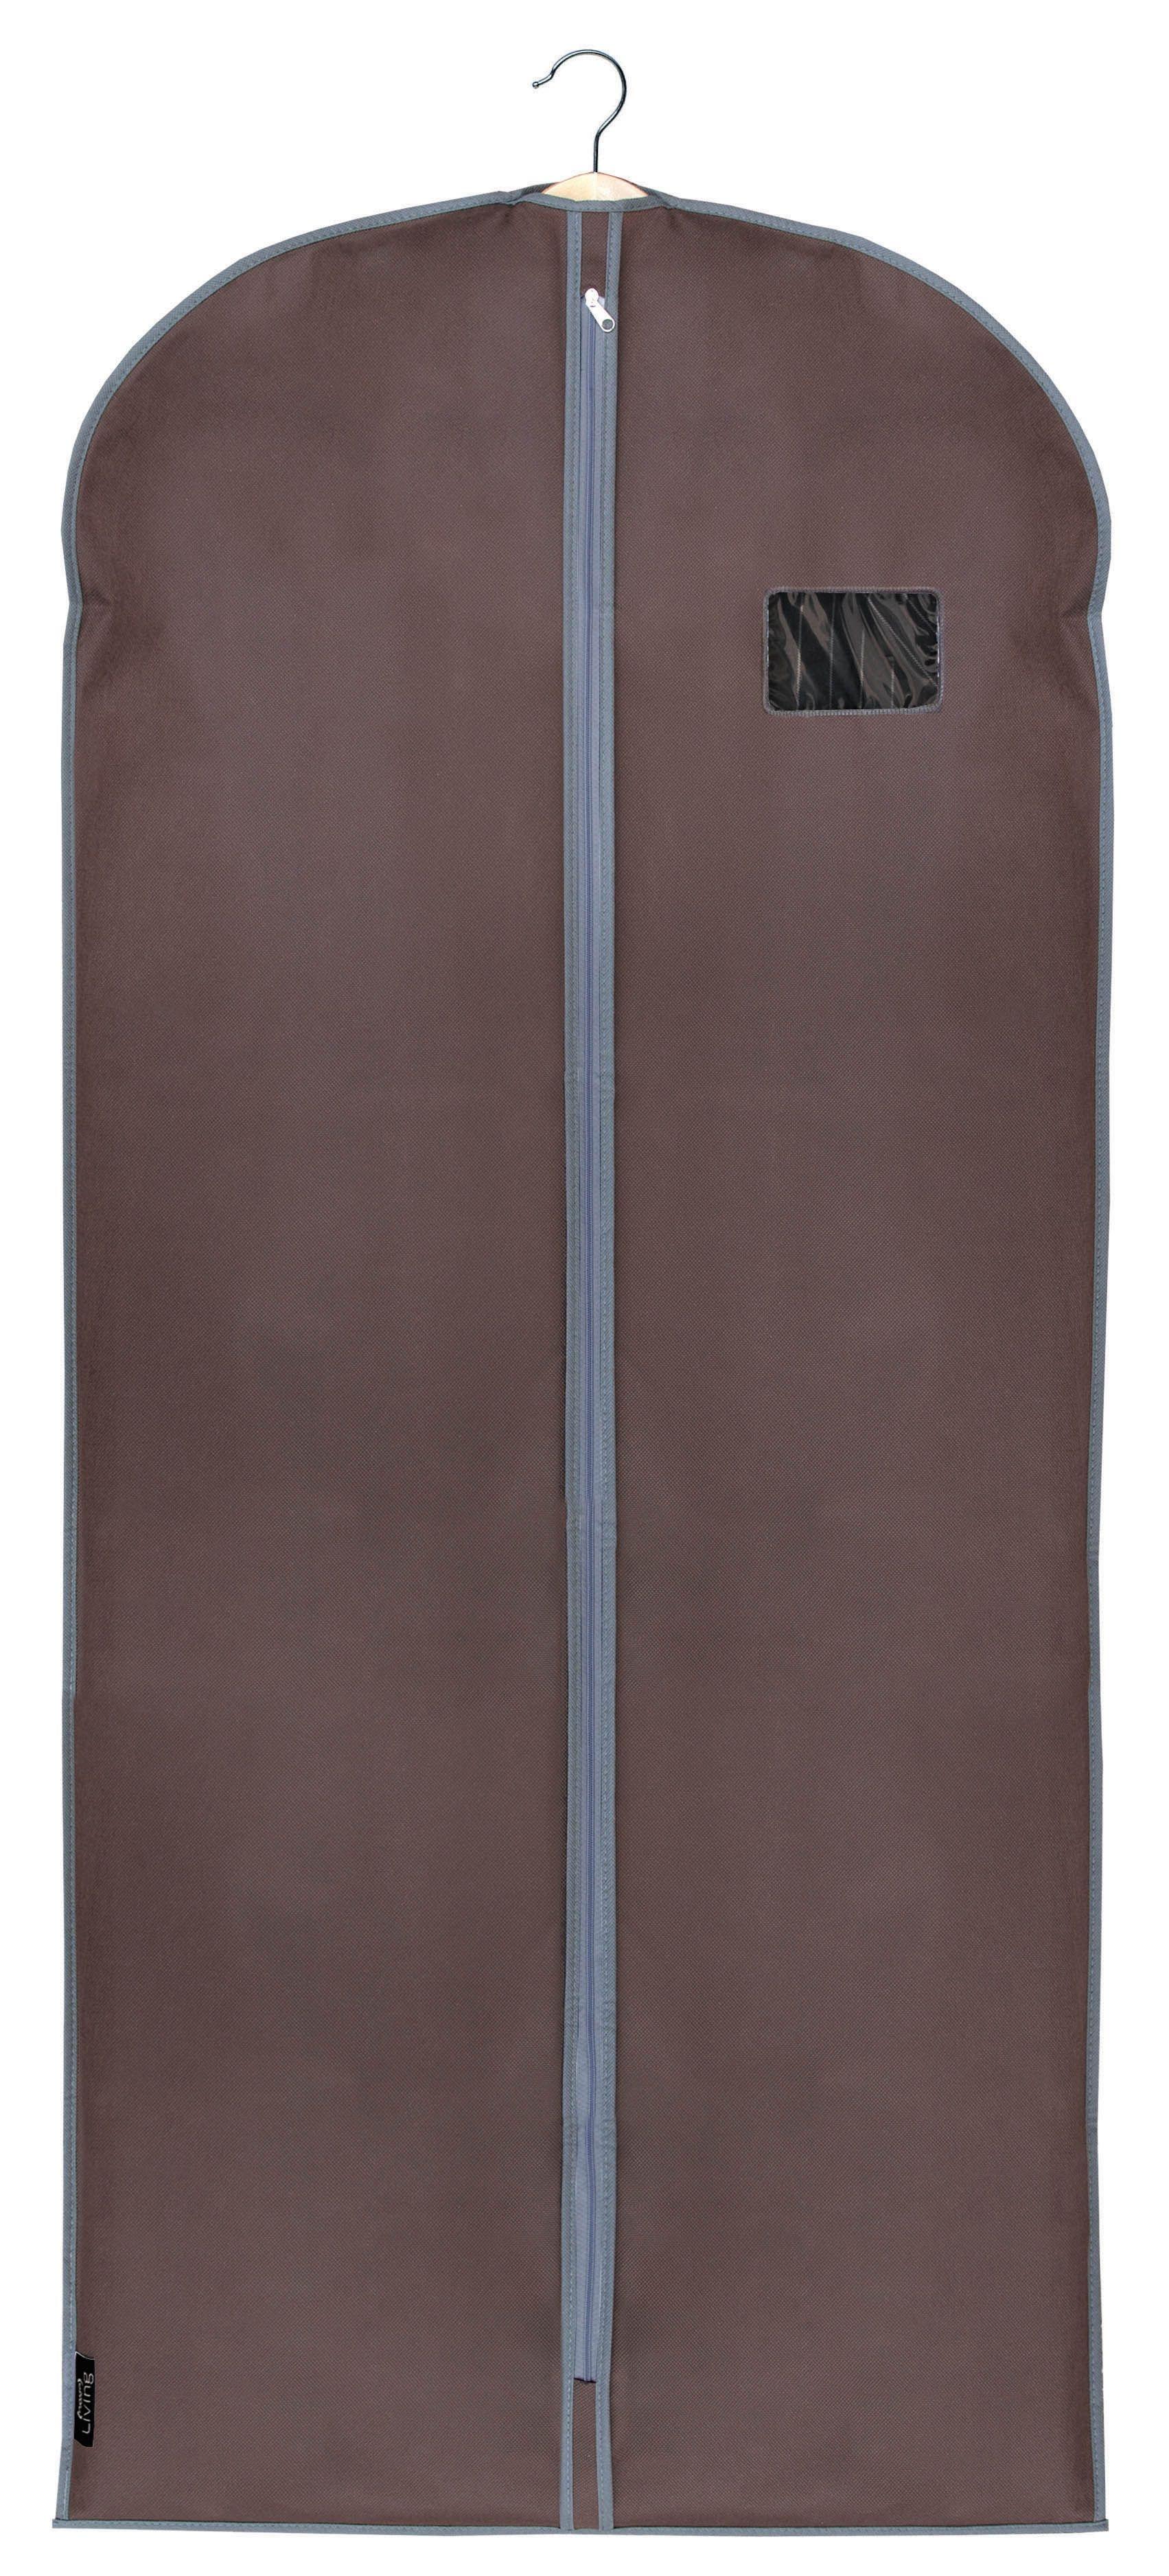 Husa pentru haine cu fermoar, Classic XL Maro, l60xH135 cm imagine